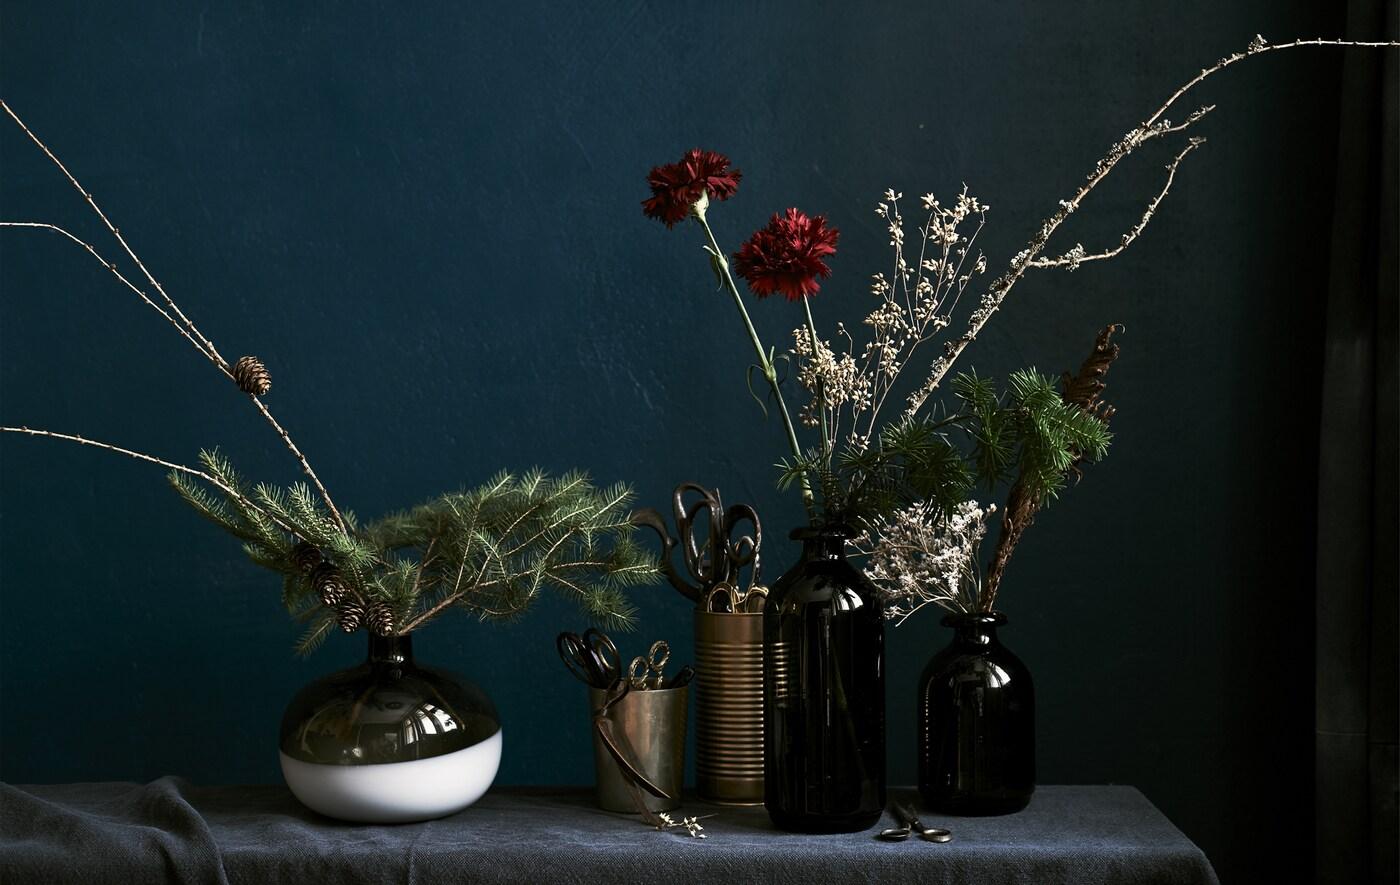 Exhibiciones florales invernales hechas de ramitas frescas, ramas secas y tallos de flores en jarrones oscuros contra un paño oscuro.